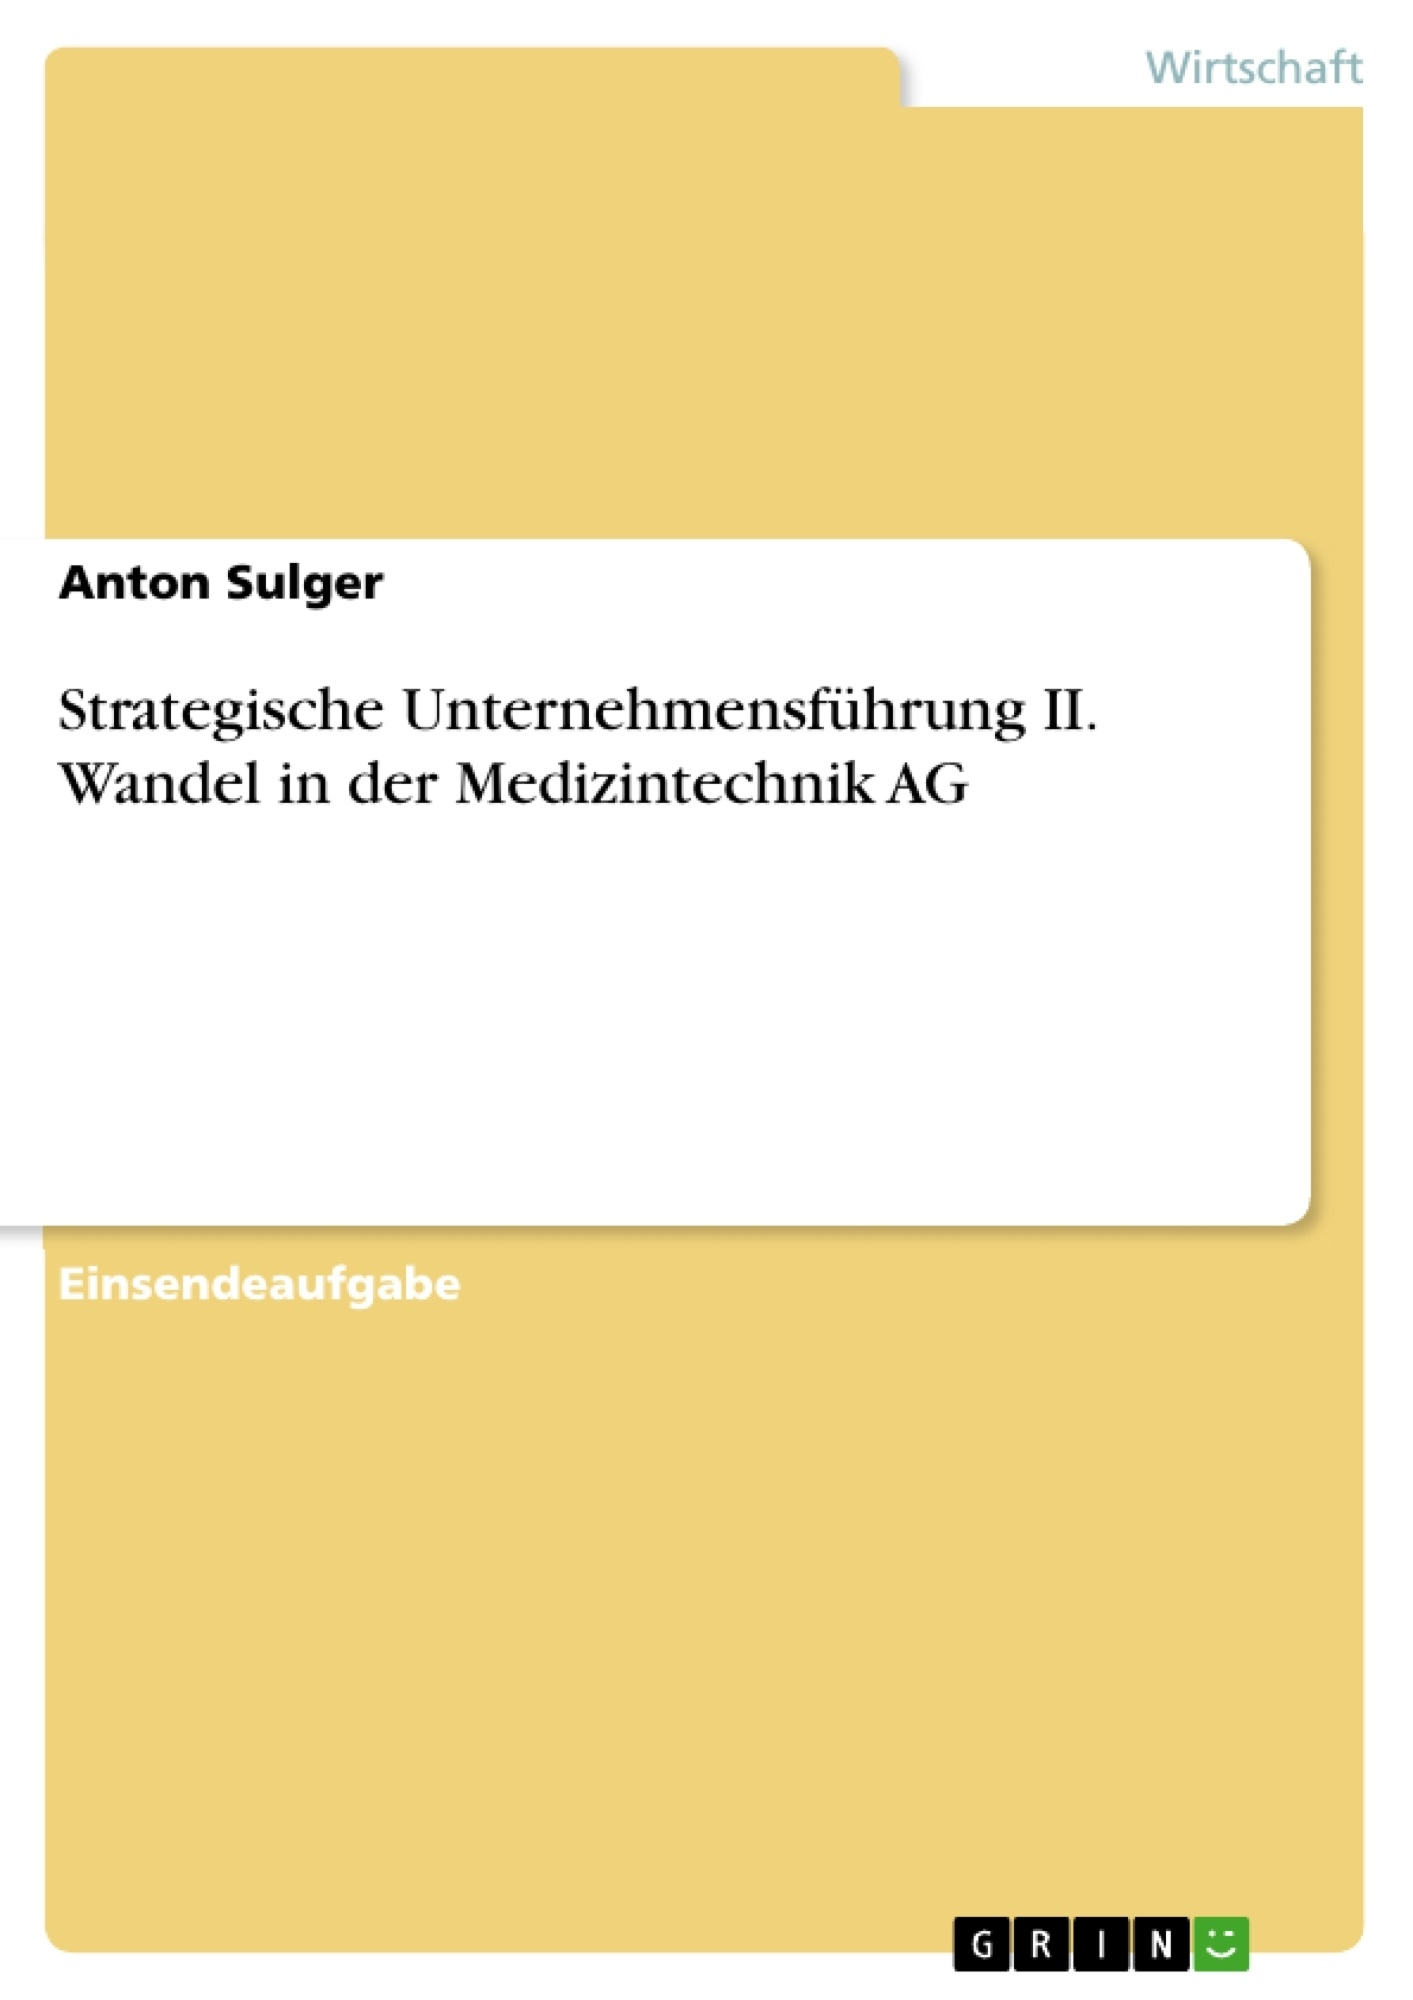 Titel: Strategische Unternehmensführung II. Wandel in der Medizintechnik AG